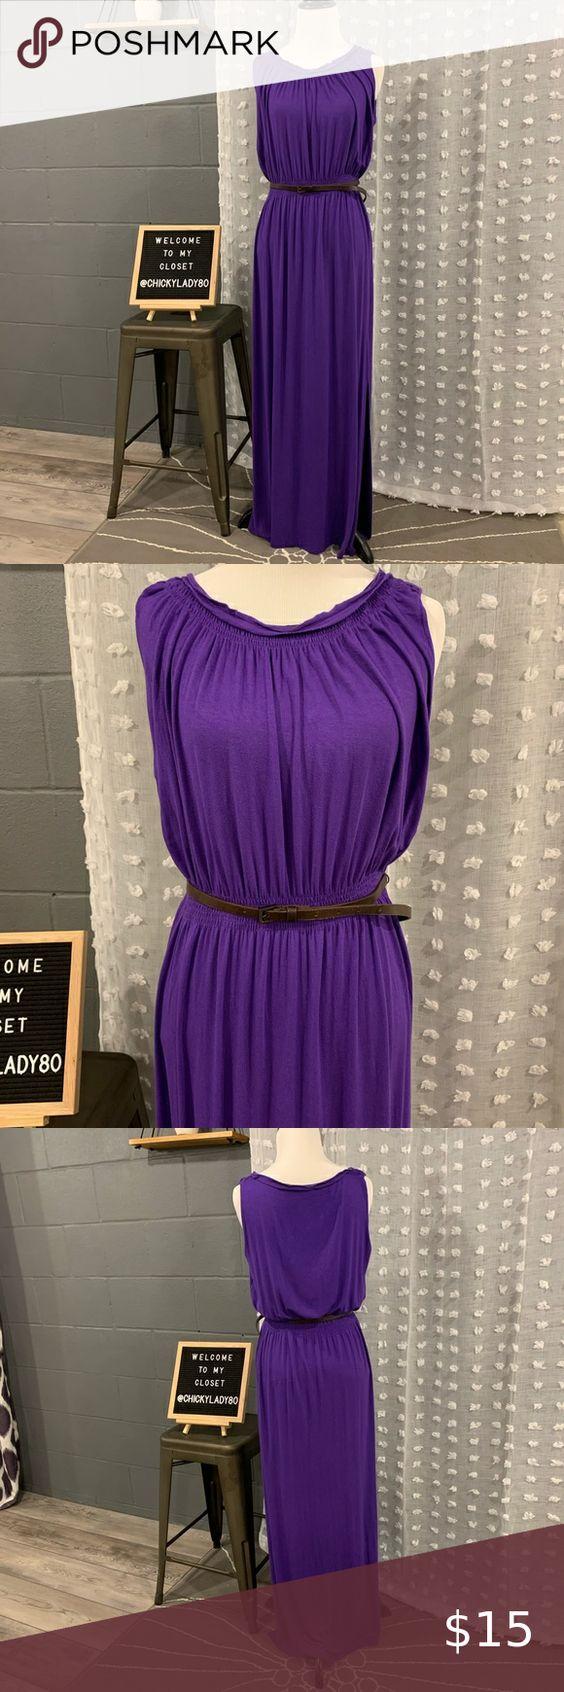 Tahari Purple Maxi Dress Purple Maxi Purple Maxi Dress Maxi Dress [ 1692 x 564 Pixel ]